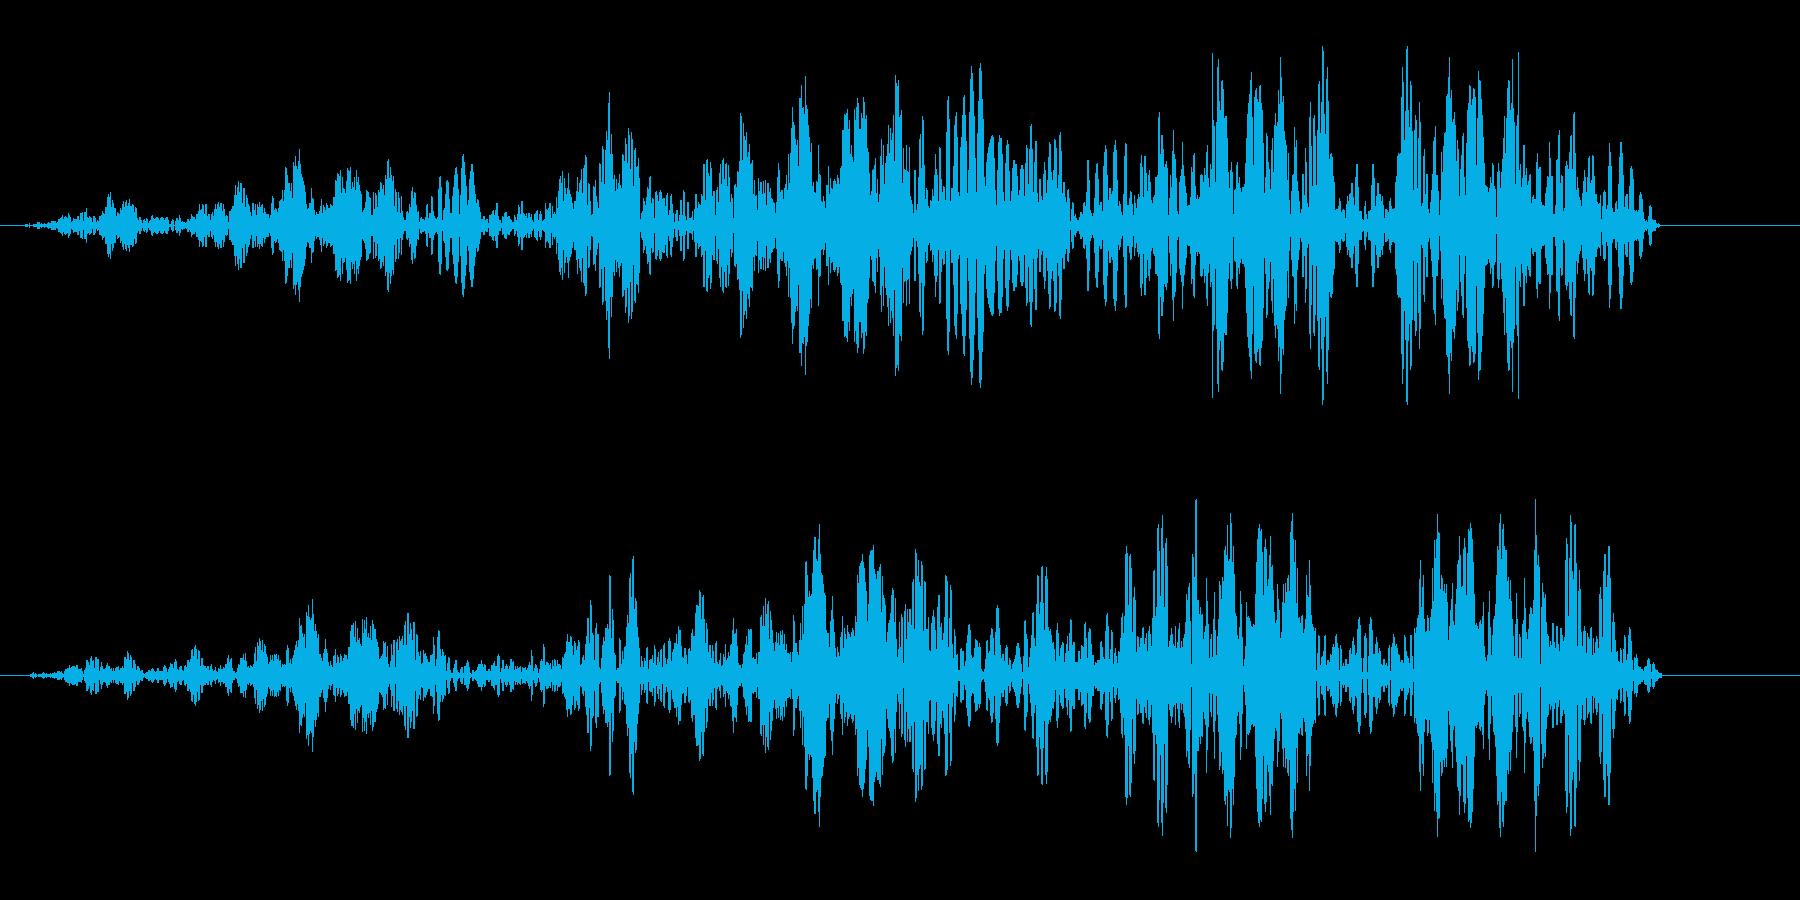 ヒュルヒュル(ロープが巻き取られる音)の再生済みの波形